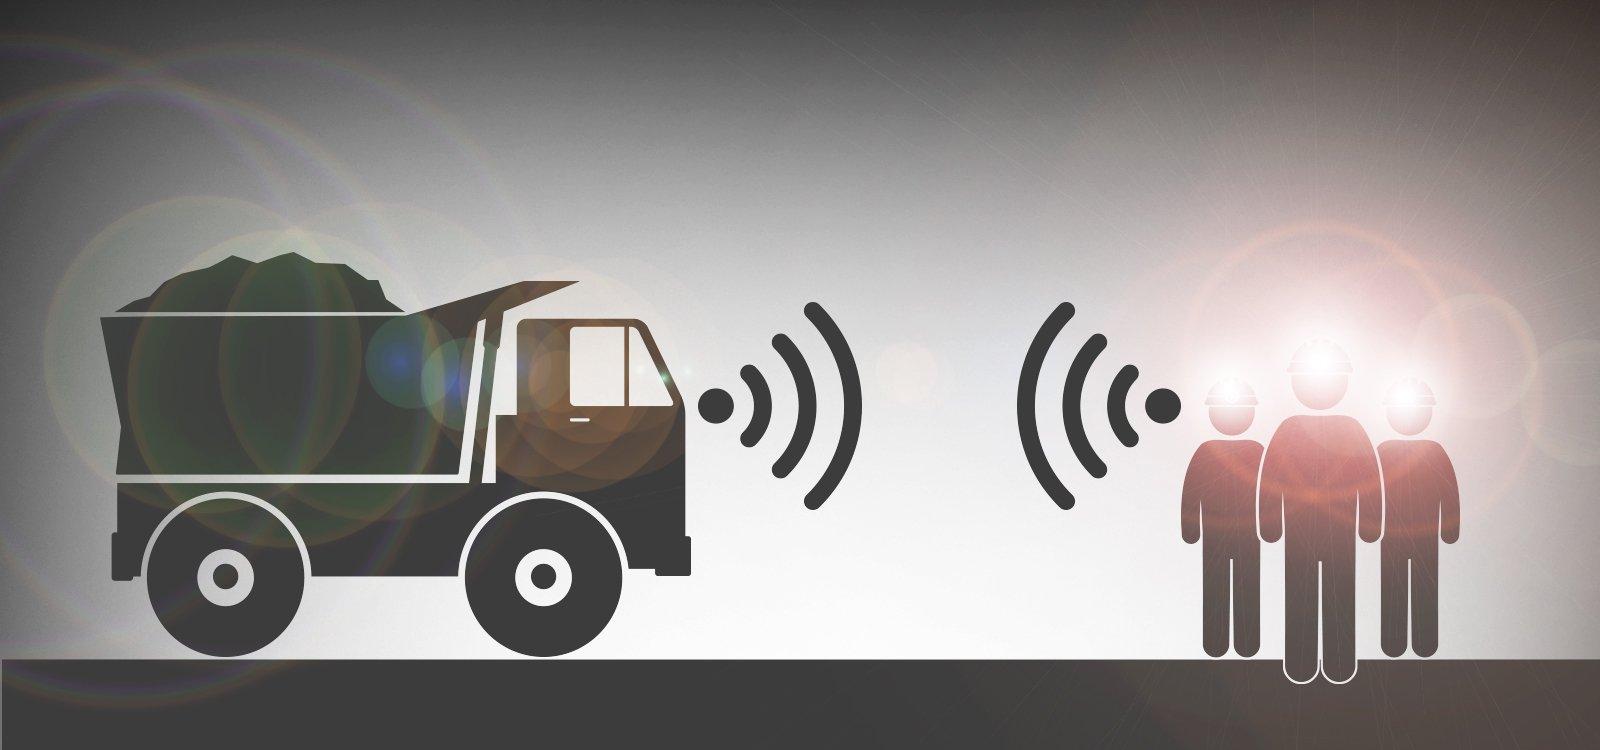 <p>Sensores instalados no equipamento e usados pela equipe aumentarão a segurança nas minas subterrâneas.</p>